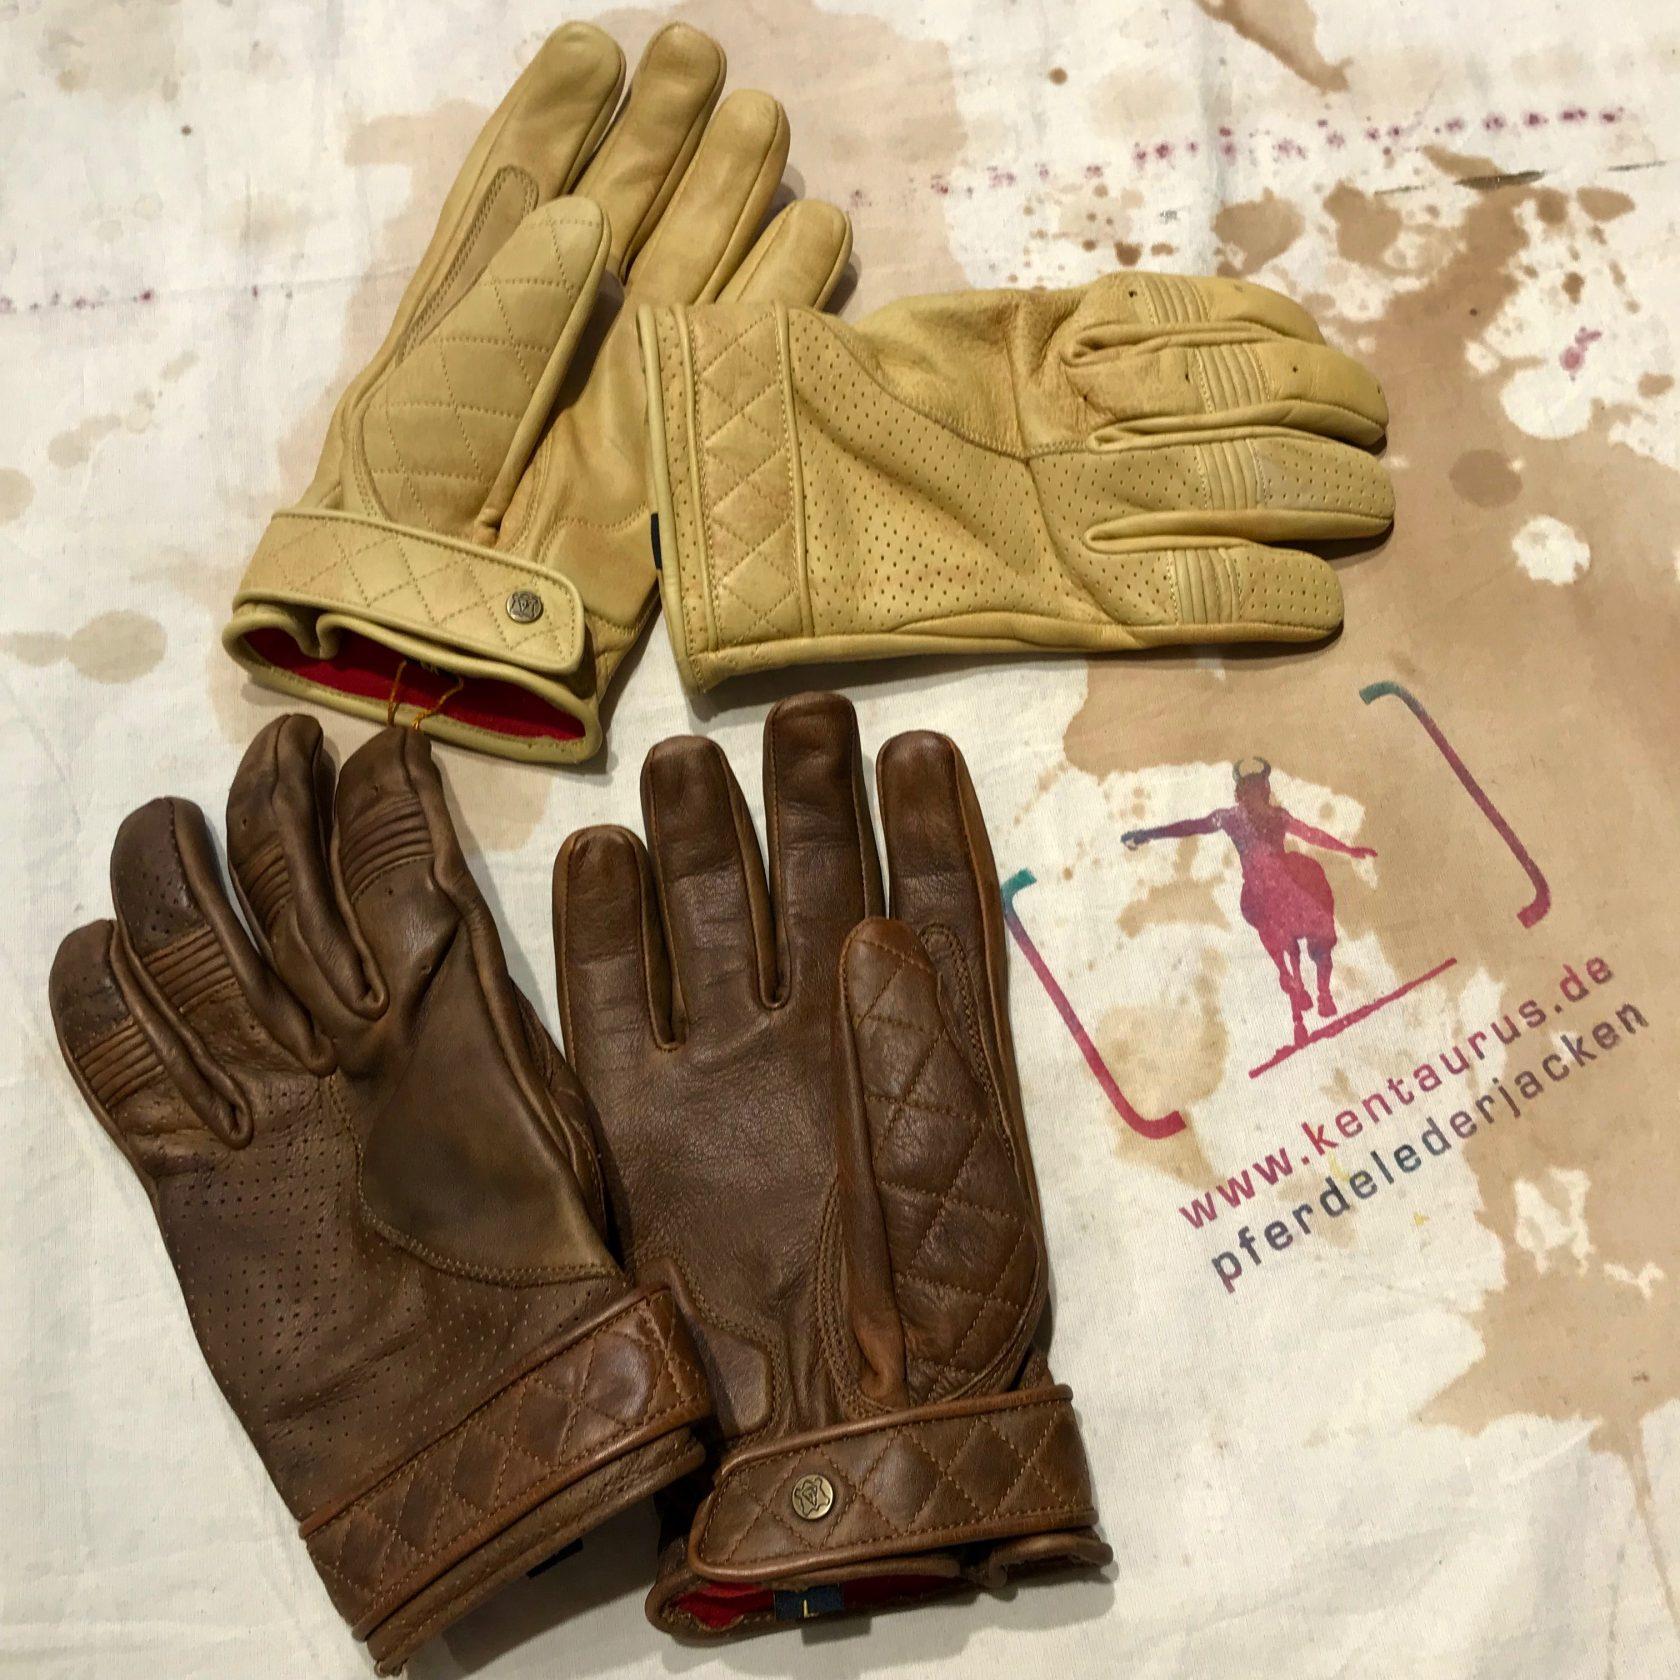 Goldtop, UK: bobber gloves brown and tan